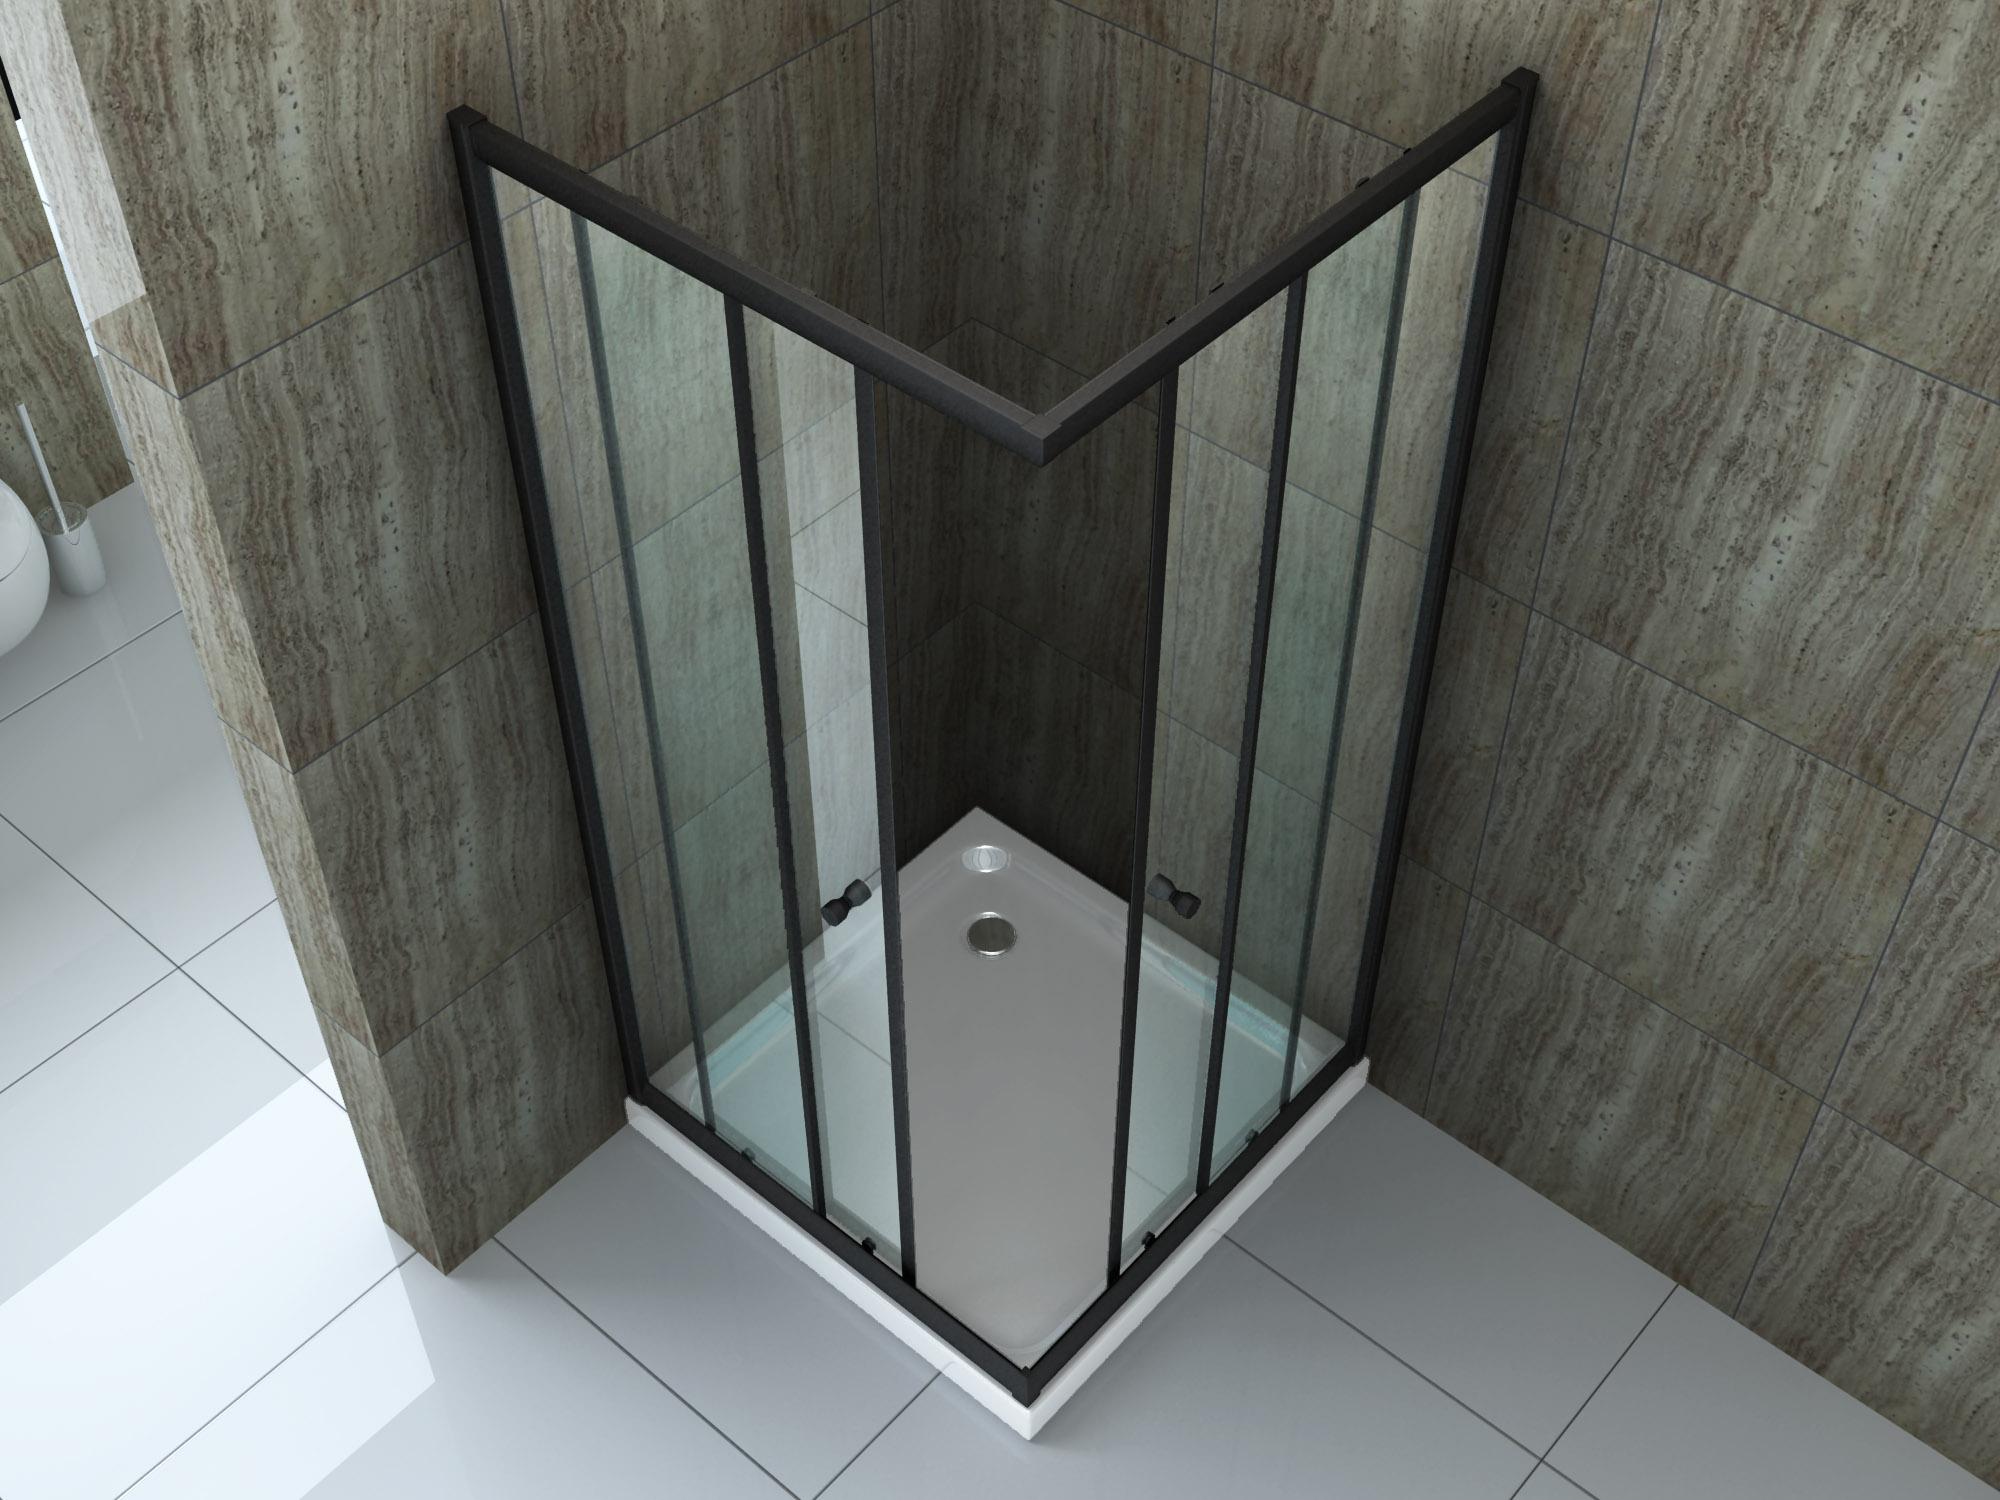 Duschkabine ST01 (schwarz) 80 x 80 x 190 cm ohne Duschtasse